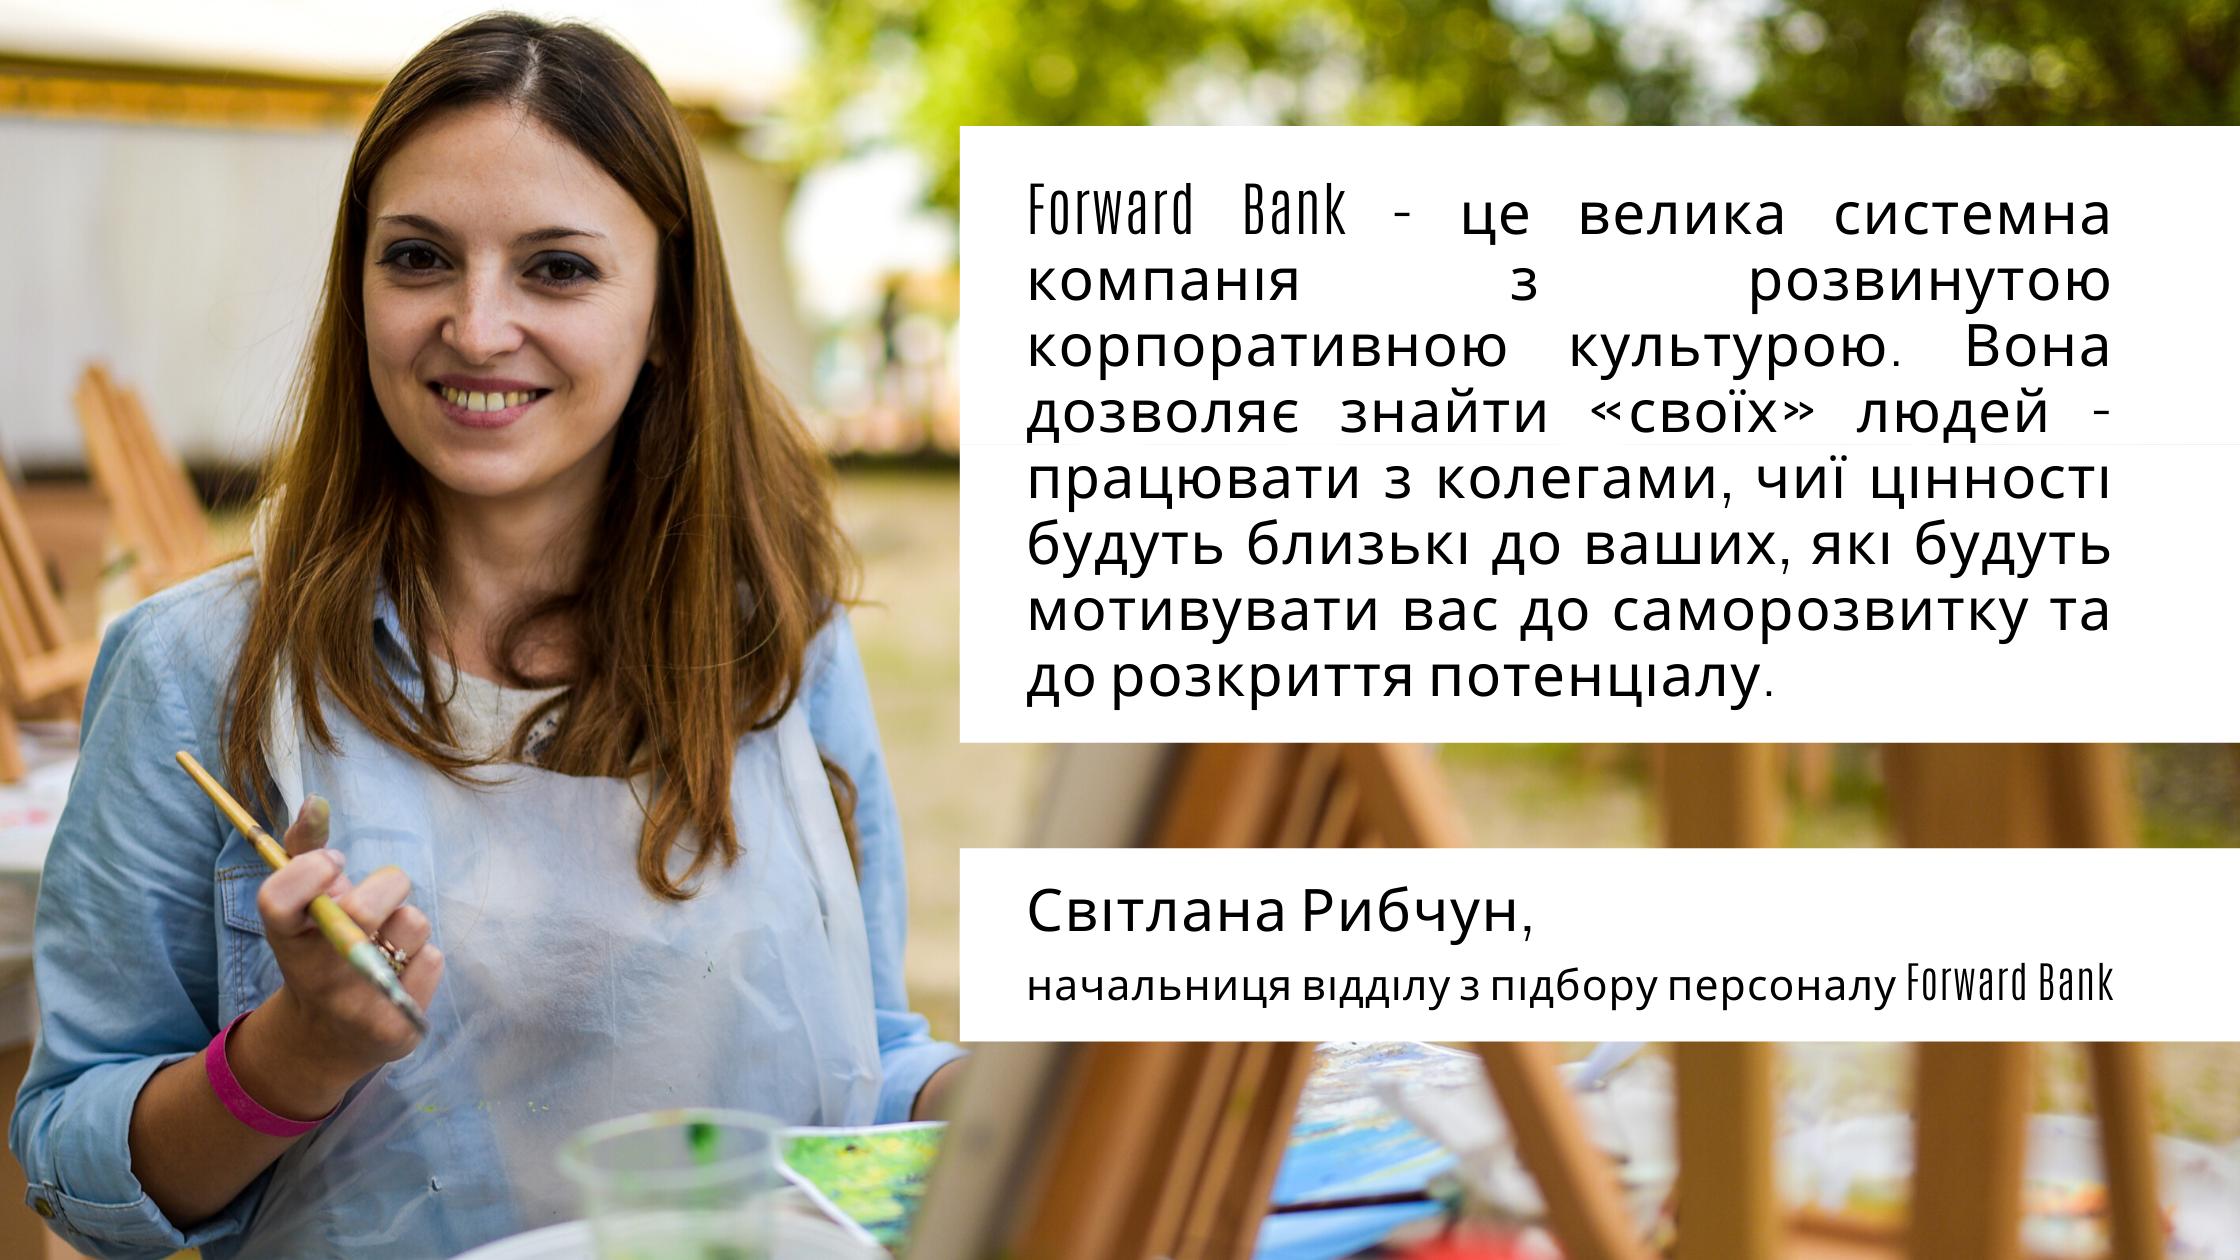 «Працювати в Forward Bank – це бути частиною команди лідерів і відчувати свою цінність», – інтерв'ю зі Світланою Рибчун